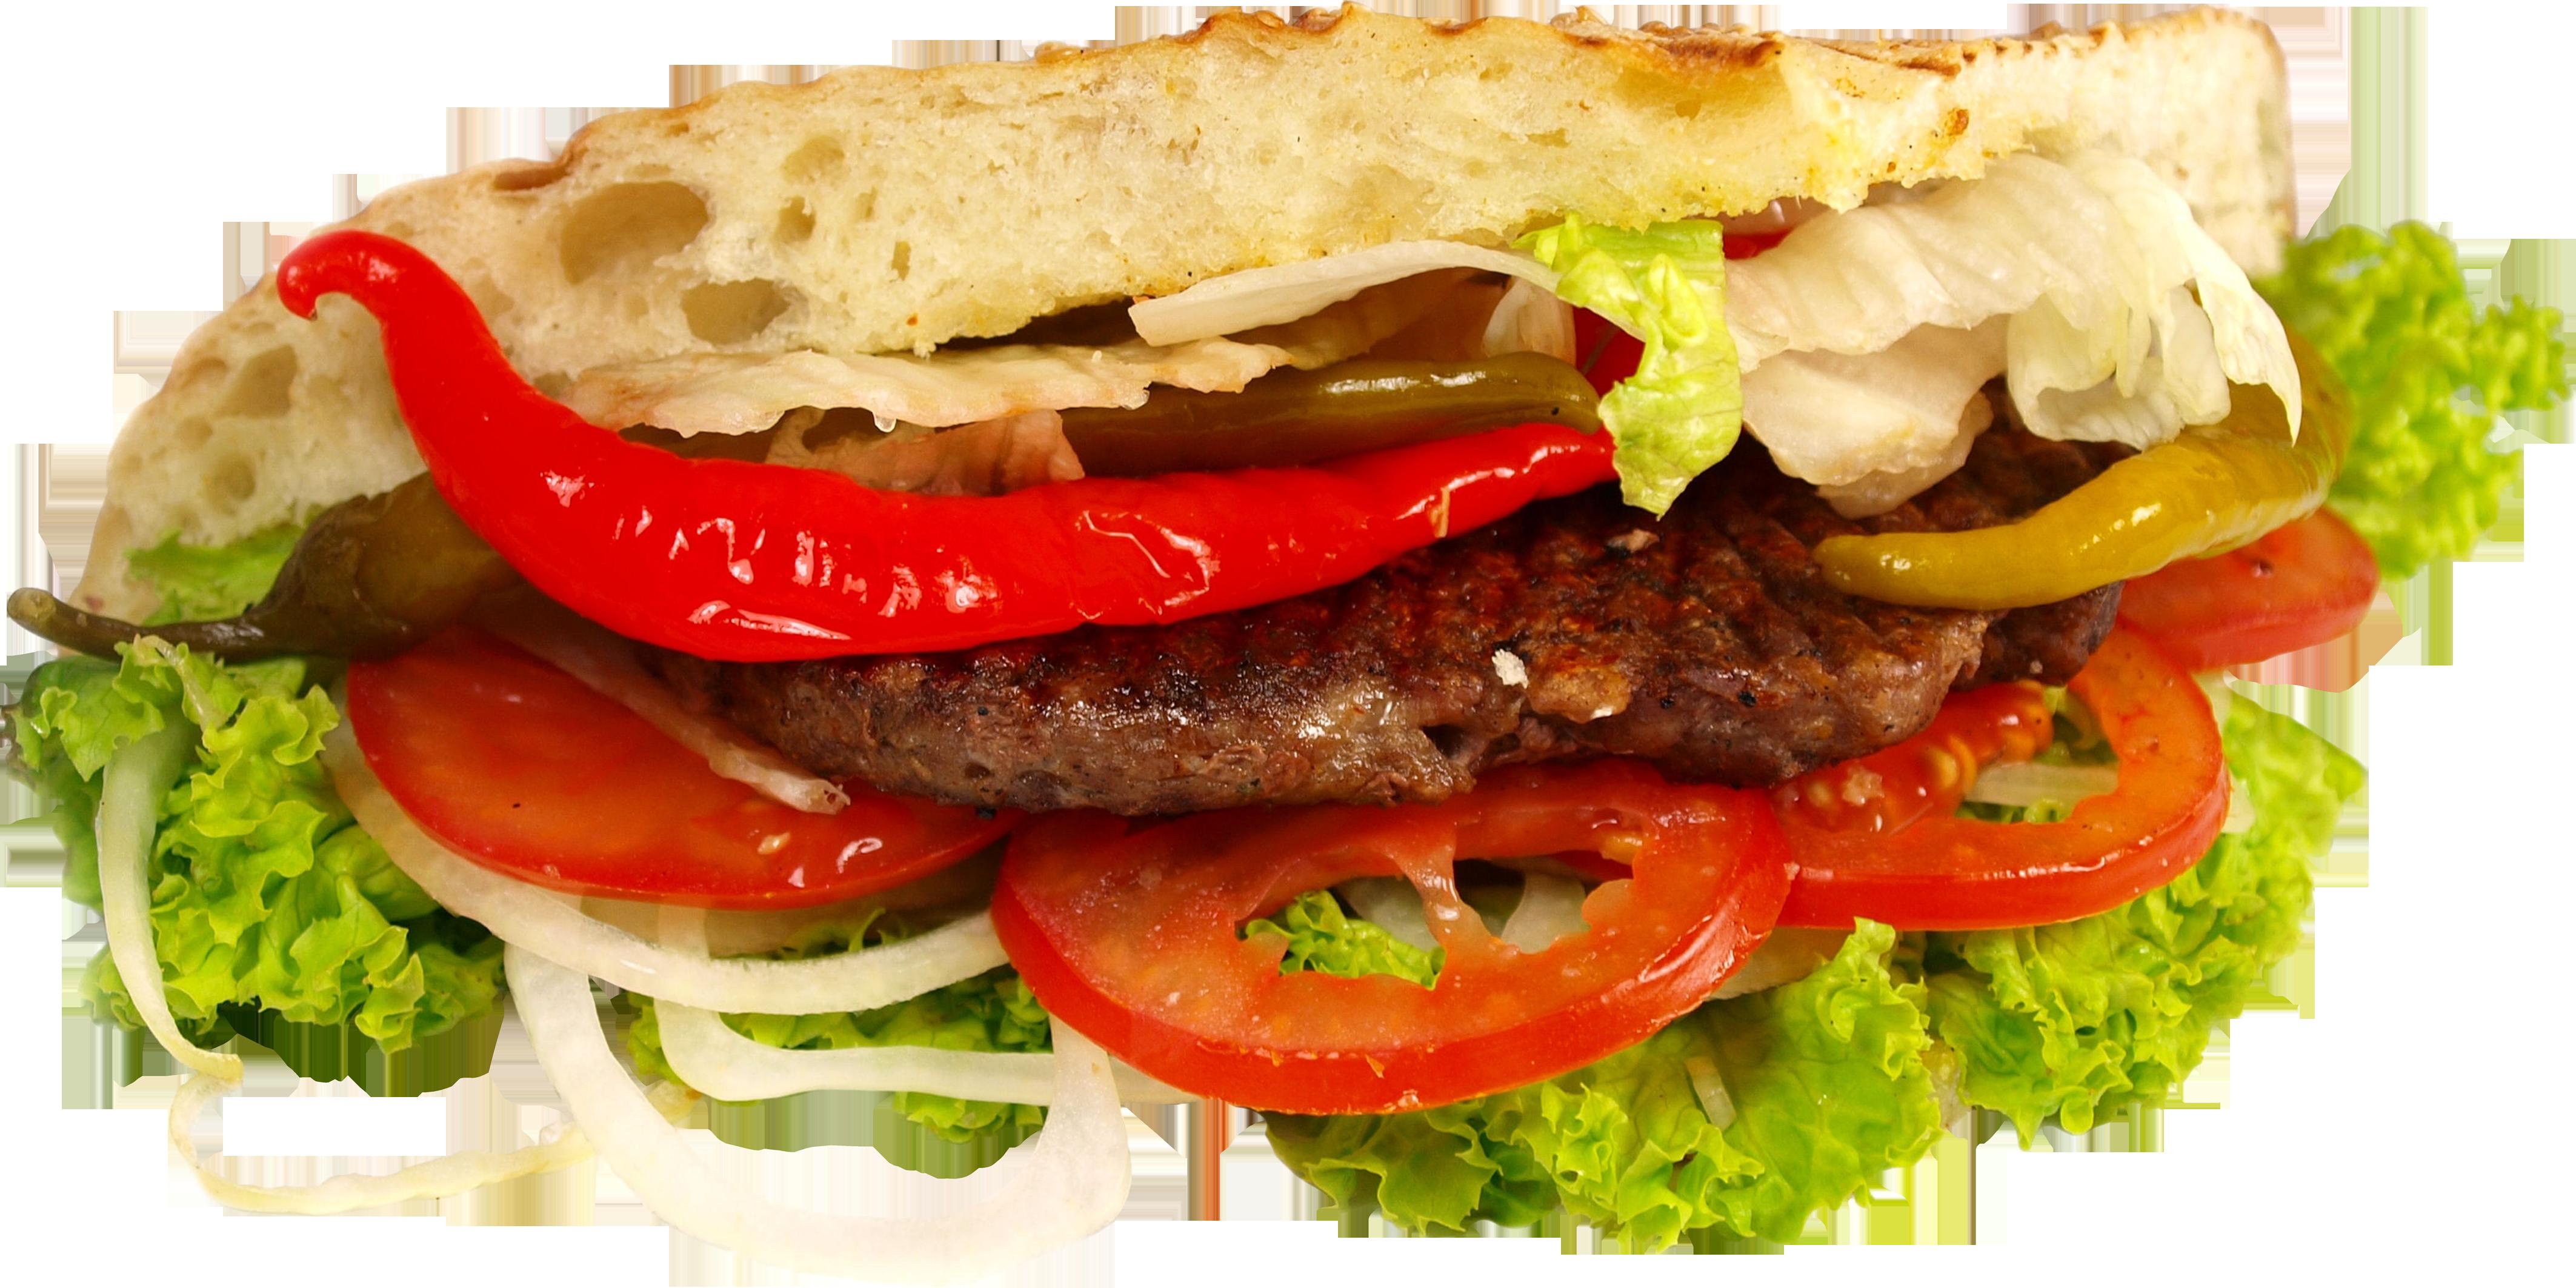 Sandwich PNG HD - 146369